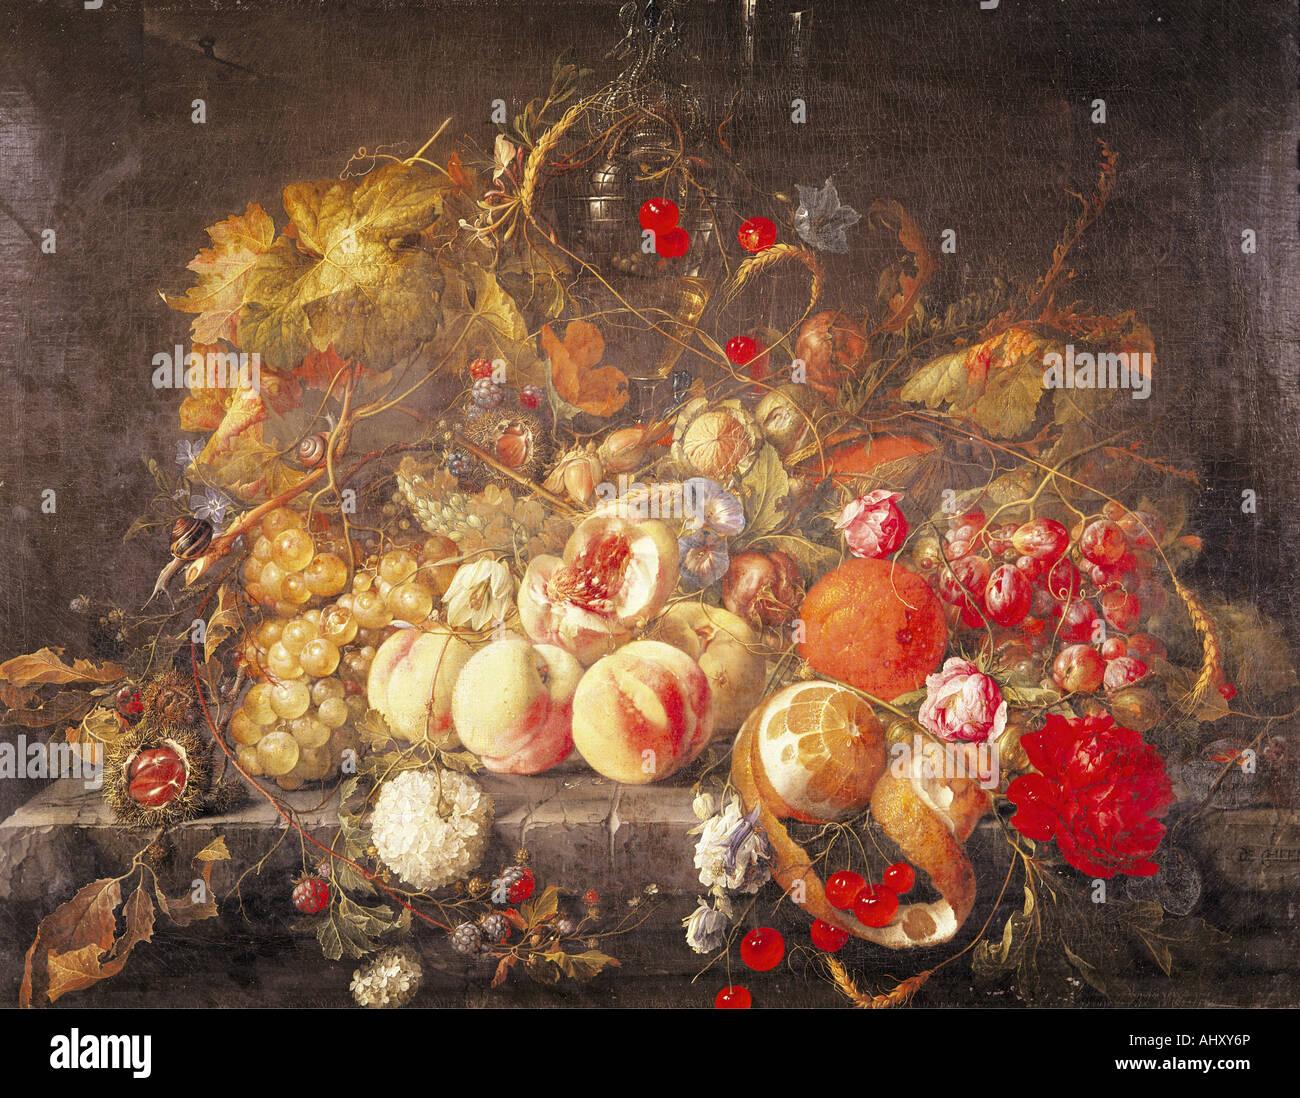 """""""Fine Arts, Heem, Jan Davidsz de, (1606-1684), Malerei,""""Stilleben"""", Öl auf Panel, 55,8 cm x 73,5 cm, Museum der Stockfoto"""